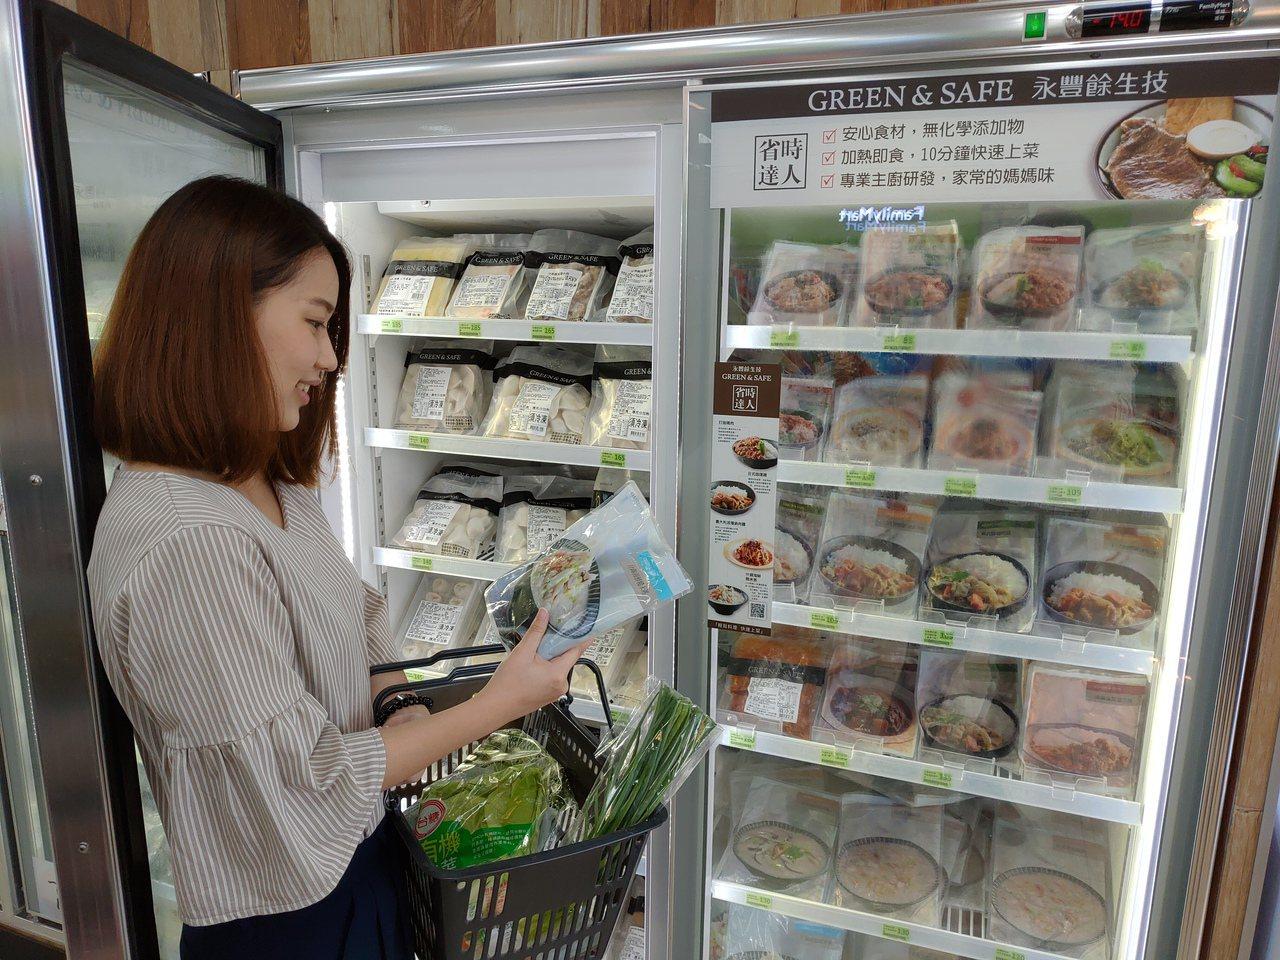 全家今年進一步規劃冷凍機能店型,周邊為小家庭、熟齡族群為主的住宅型商圈